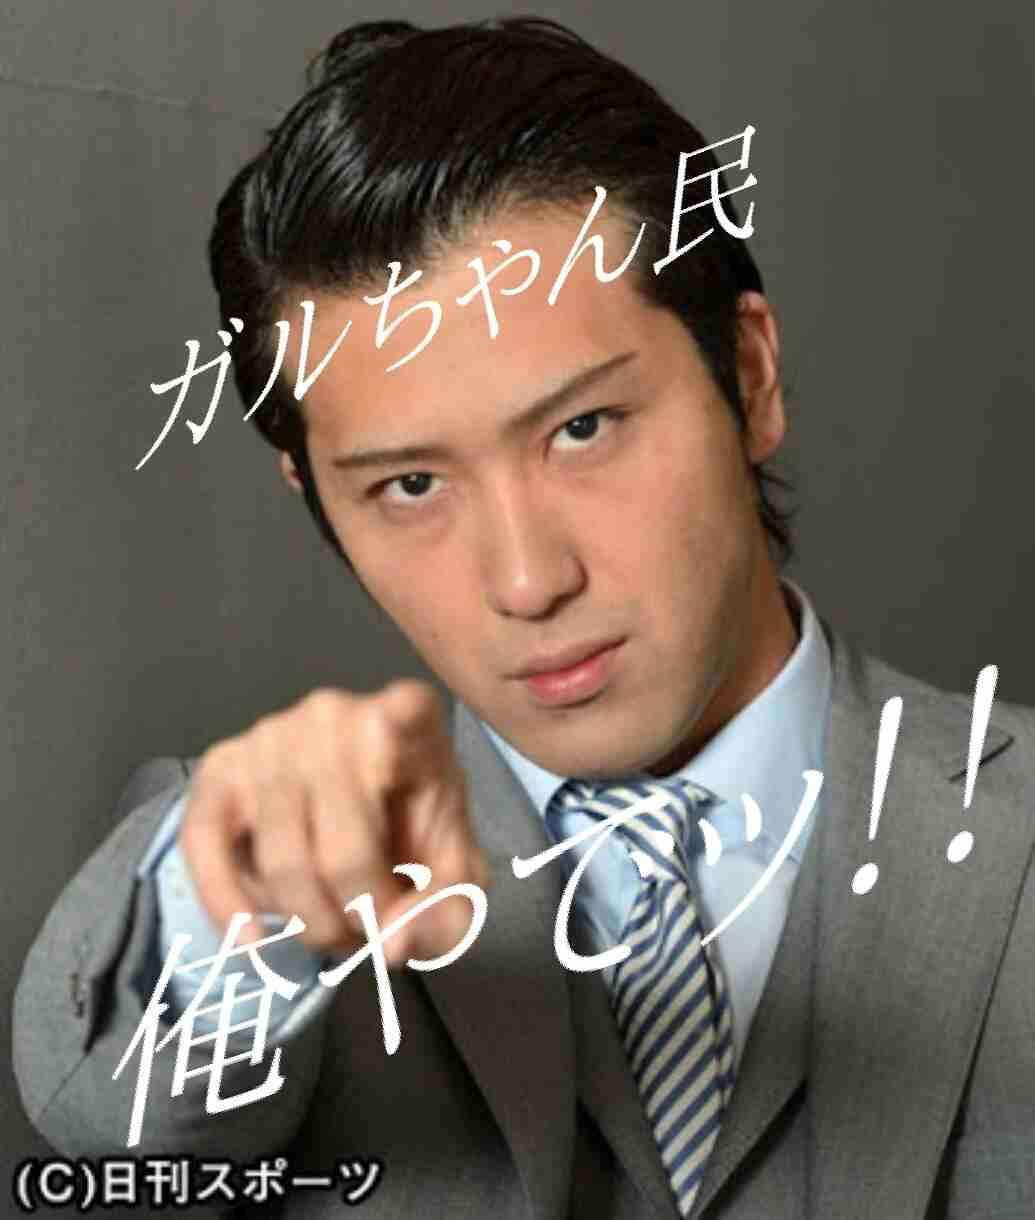 尾上松也、Eテレ『みいつけた!さん』新OP歌う 作詞はサバンナ高橋茂雄